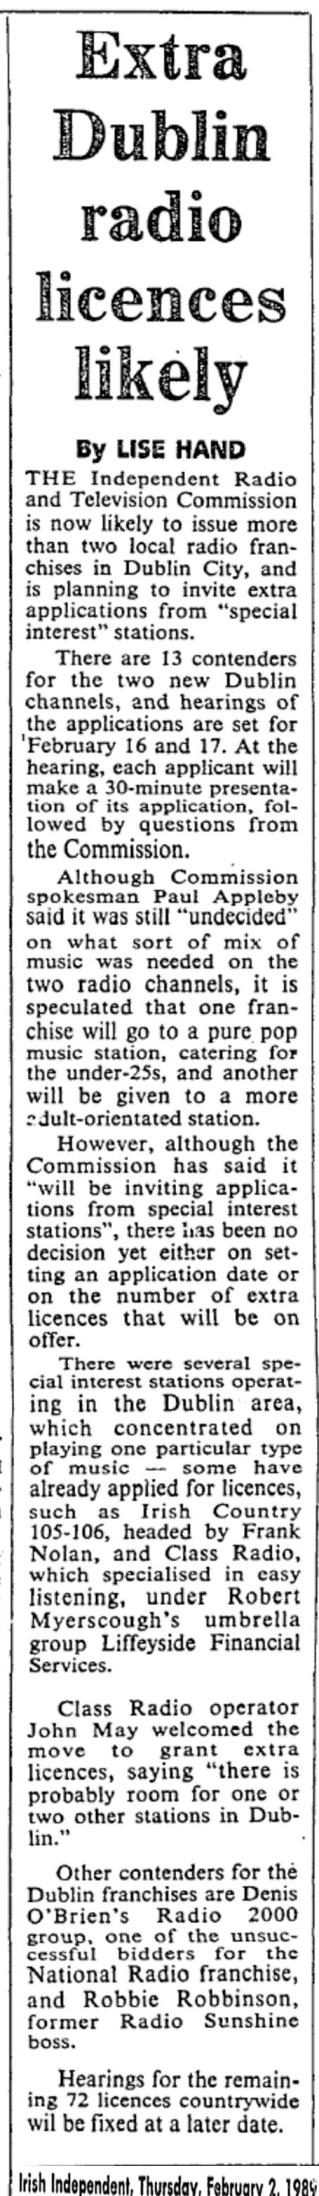 Extra Dublin radio licences likely